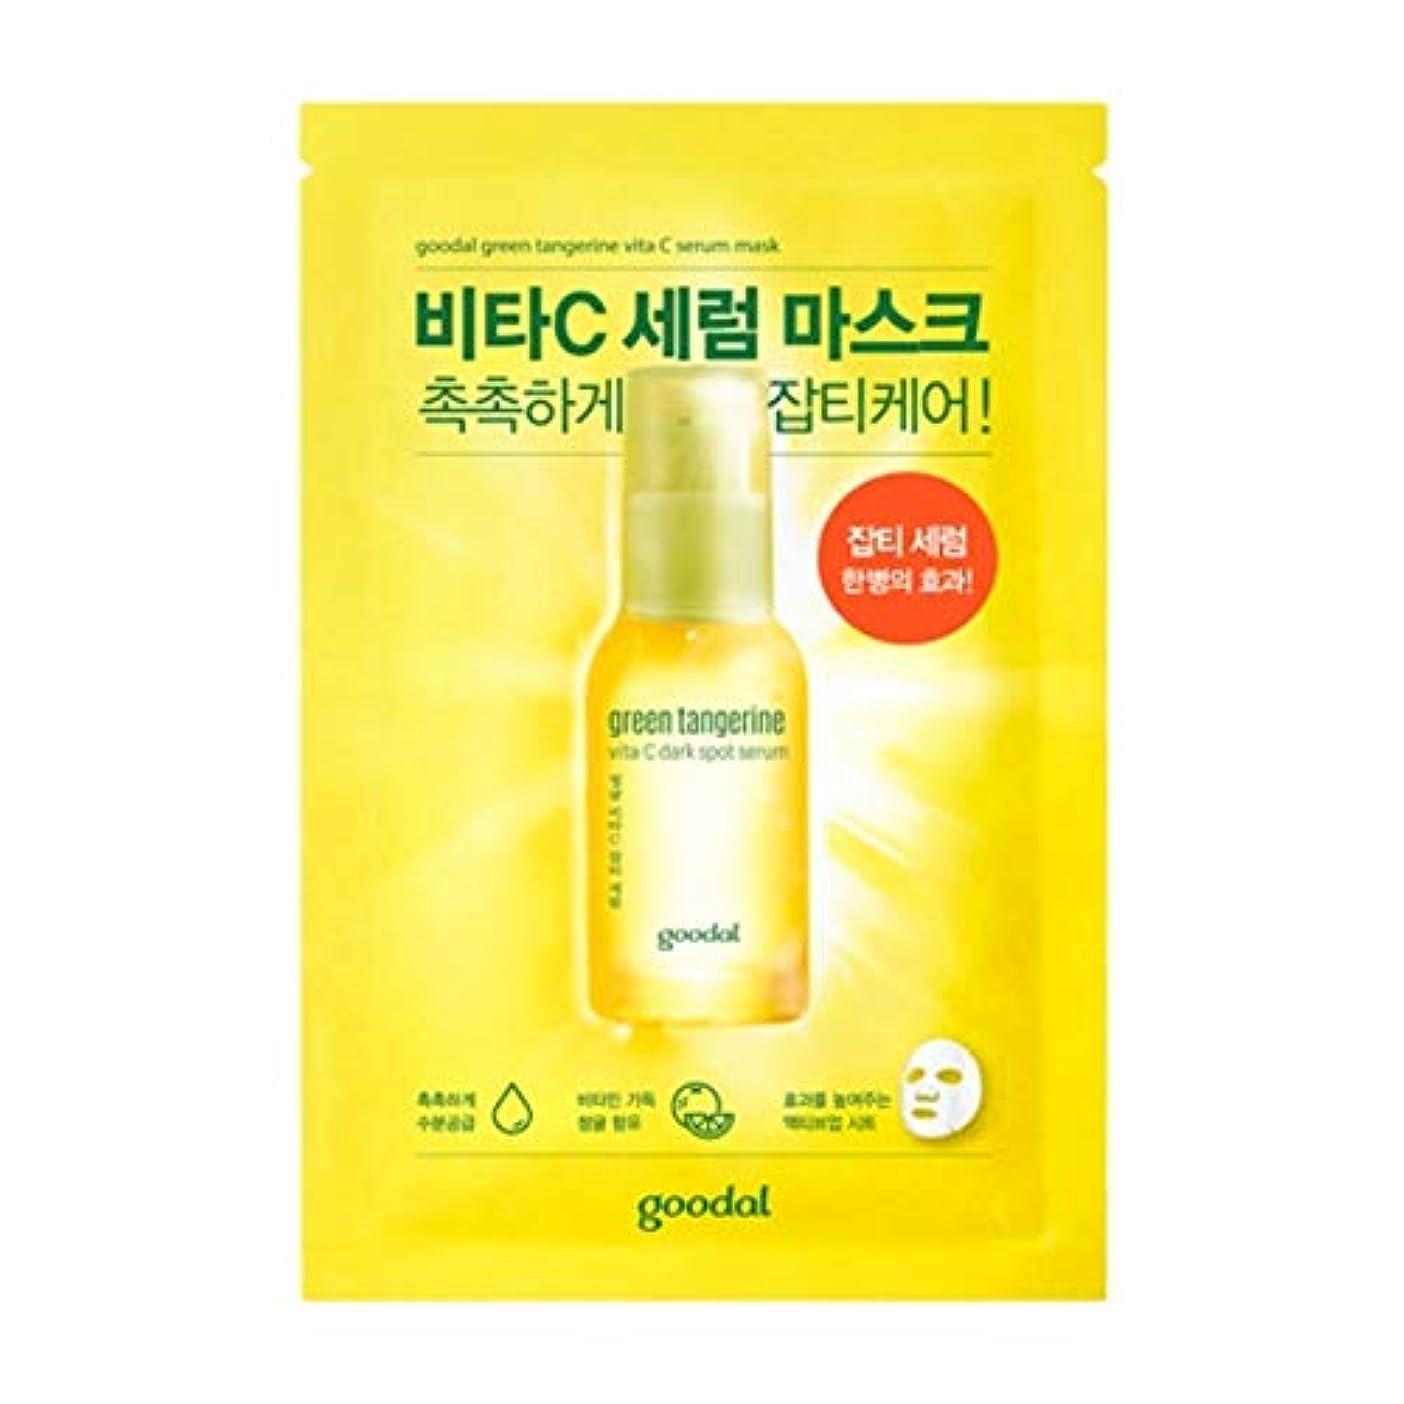 つぼみ酸っぱいタイマーGoodal Green Tangerine Vita C Dark Spot Serum Sheet mask チョンギュル、ビタC汚れセラムシートマスク (1 Sheet (1シート)) [並行輸入品]